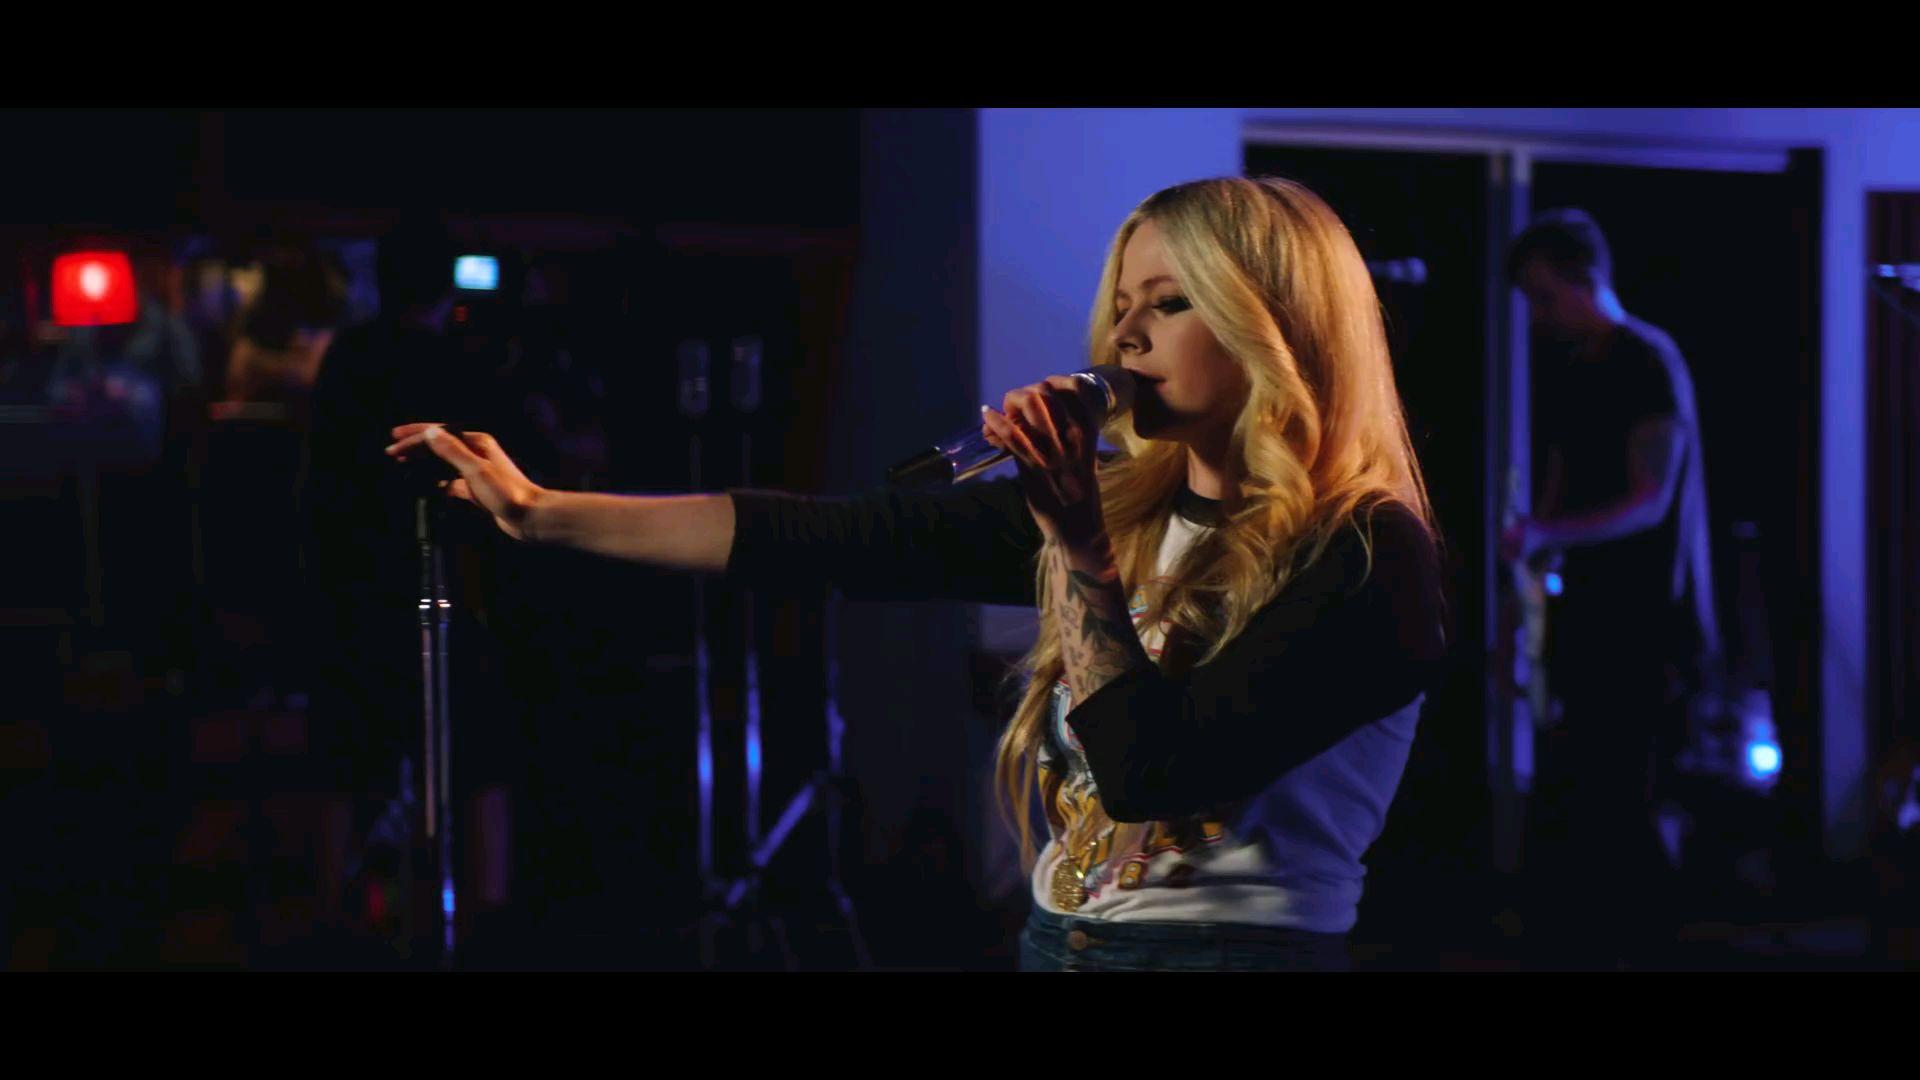 【艾薇儿】iHeartRadio现场首秀三单「Dumb Blonde」